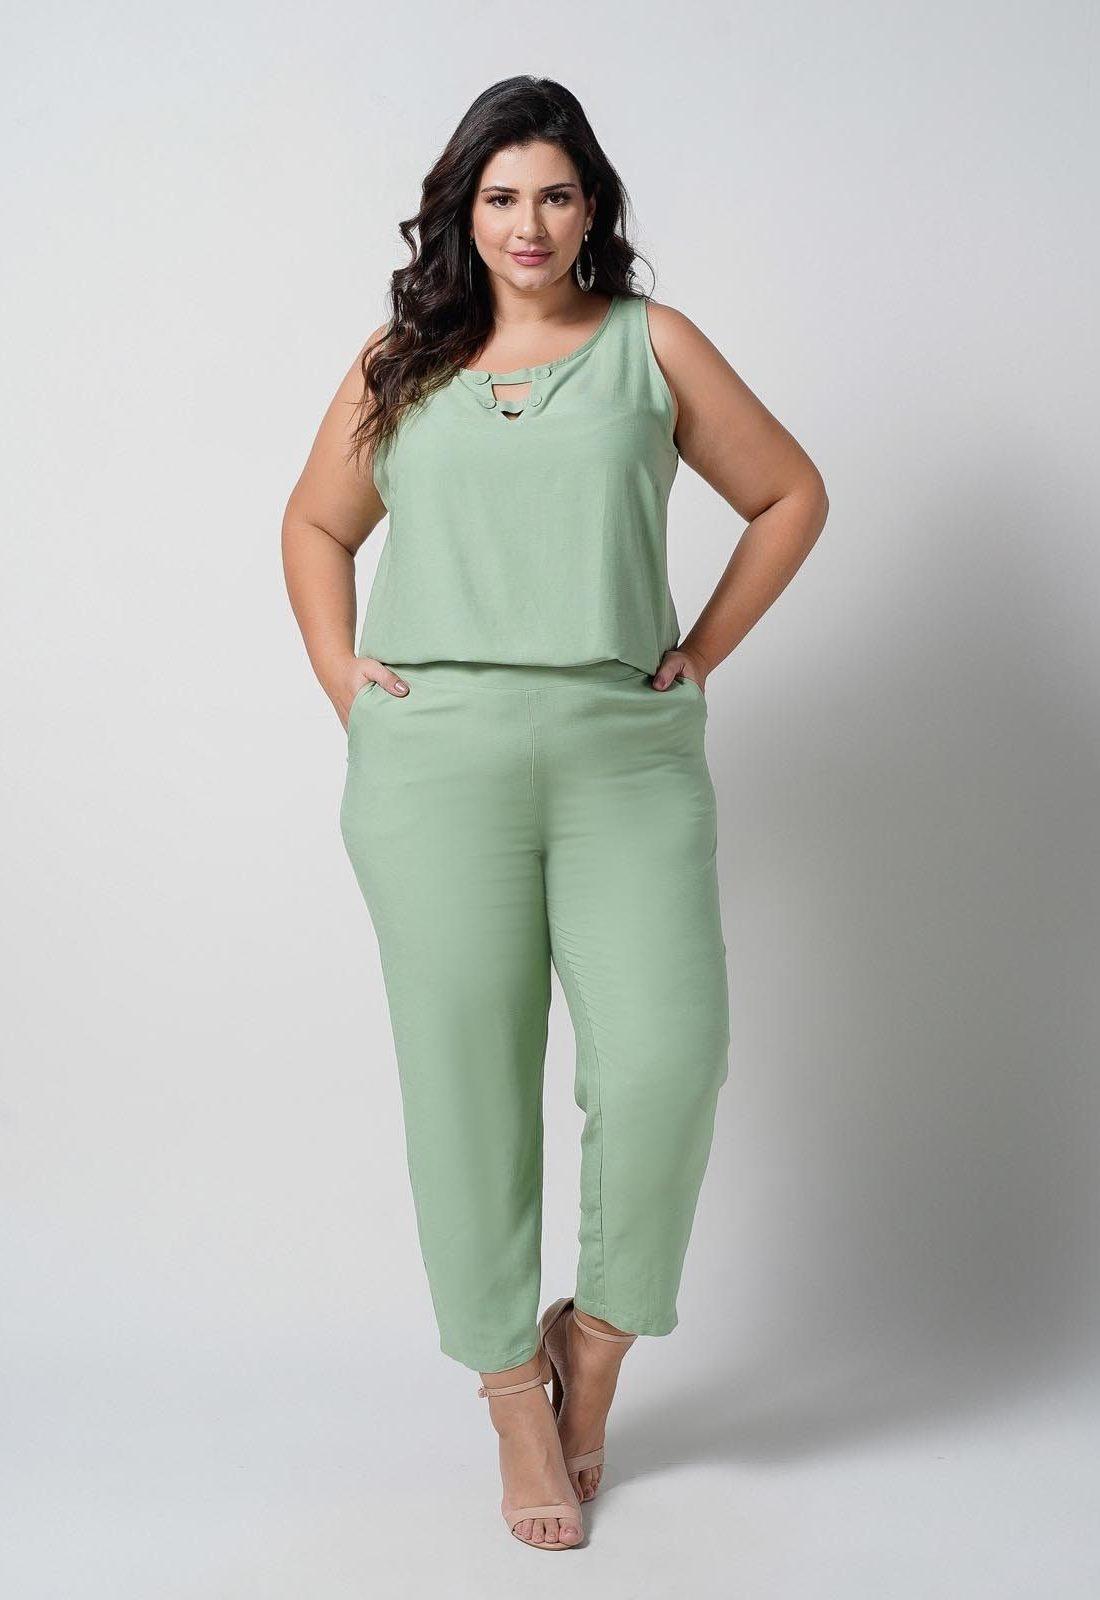 Conjunto  plus size  verde blusa e calça elástico nas costas  Ref. U67421